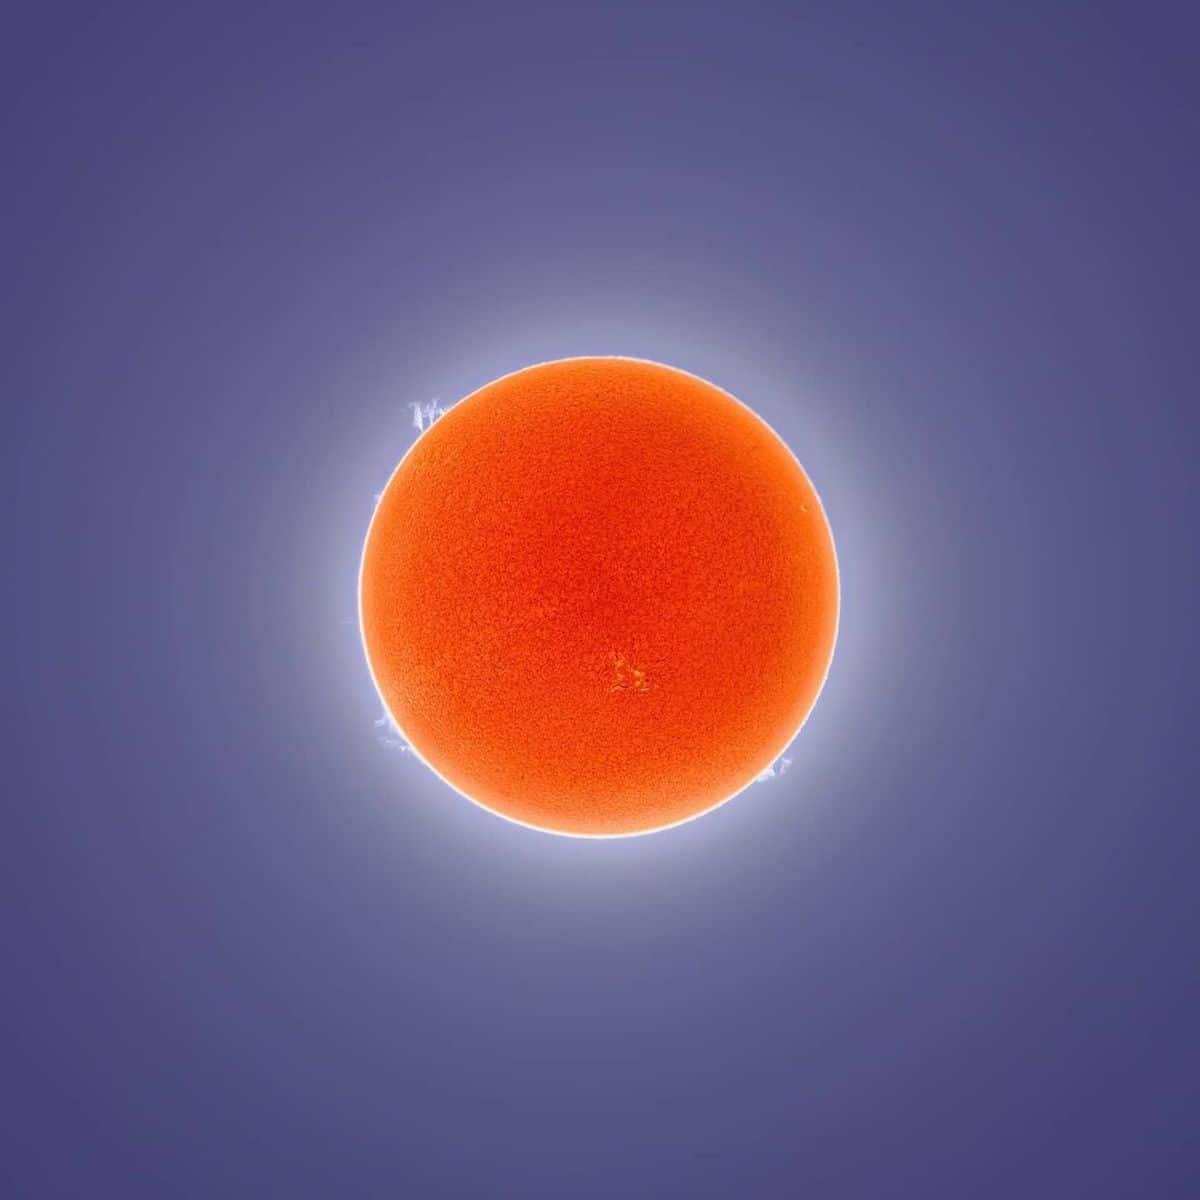 fotografías del sol de Andrew McCarthy